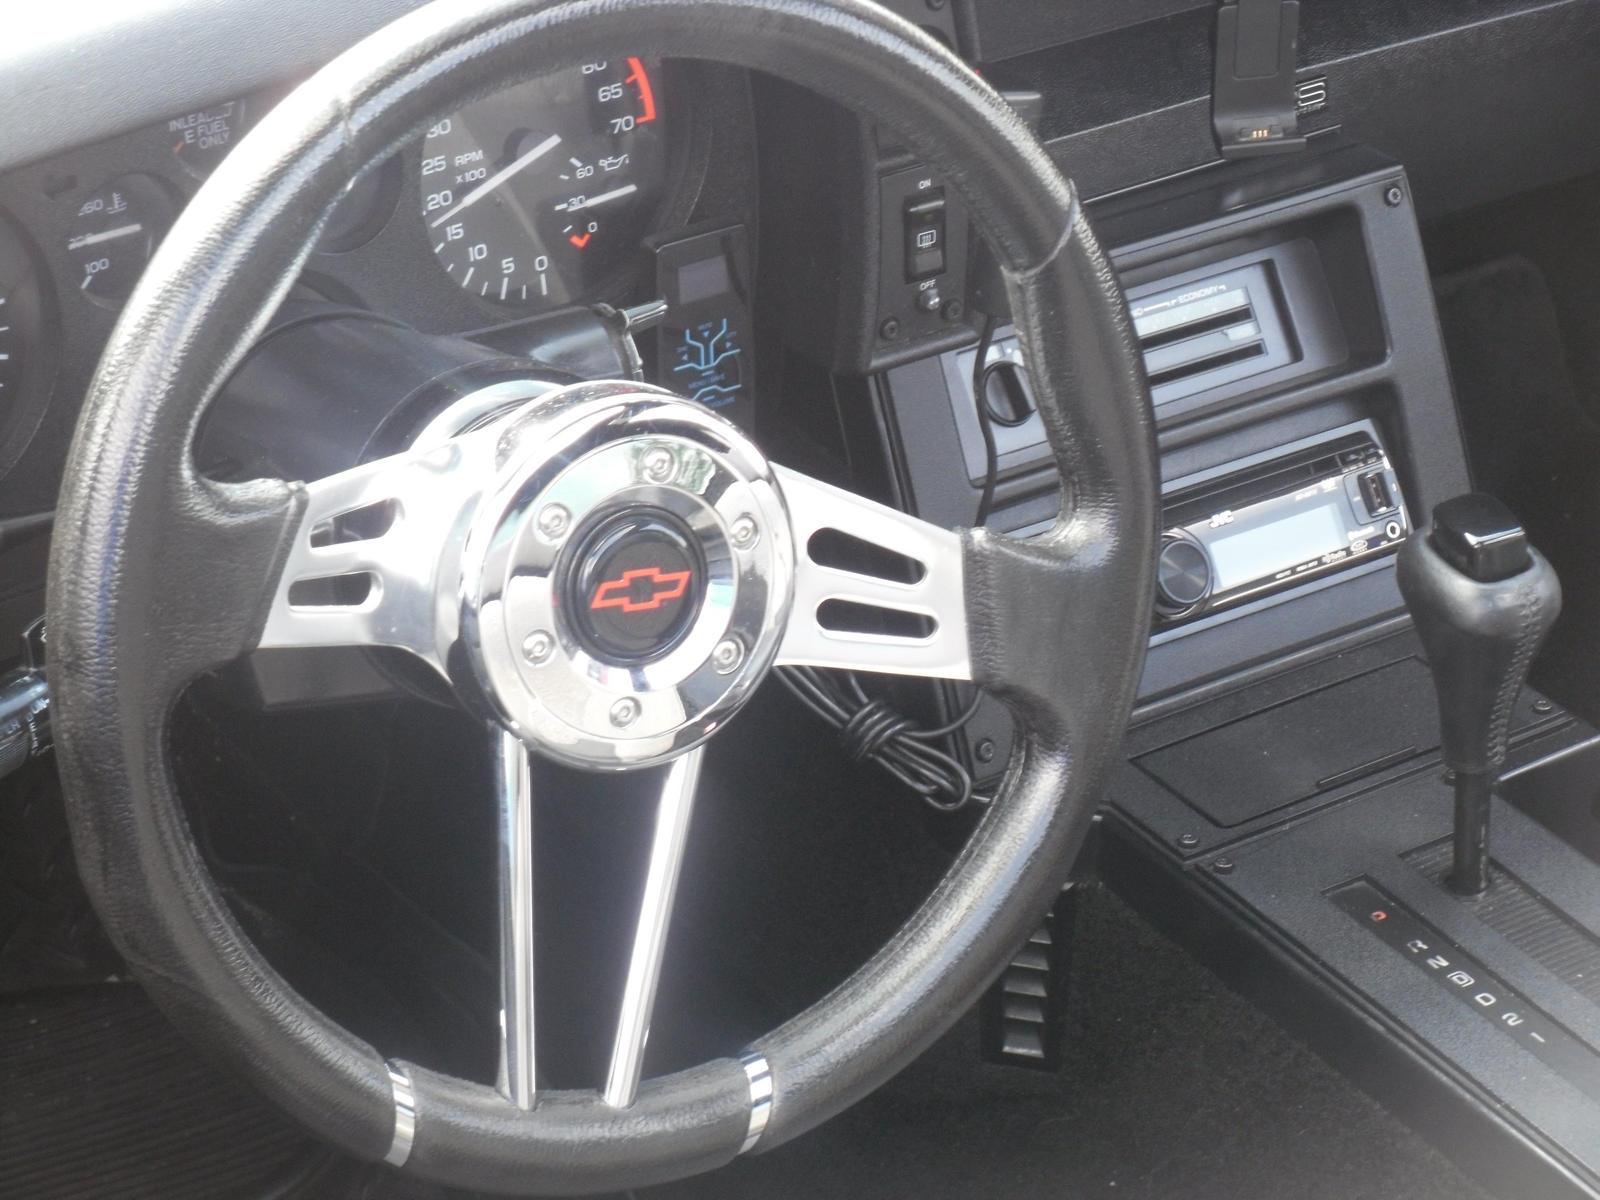 3rd Gen Camaro Interior By Eon Krate32 On Deviantart